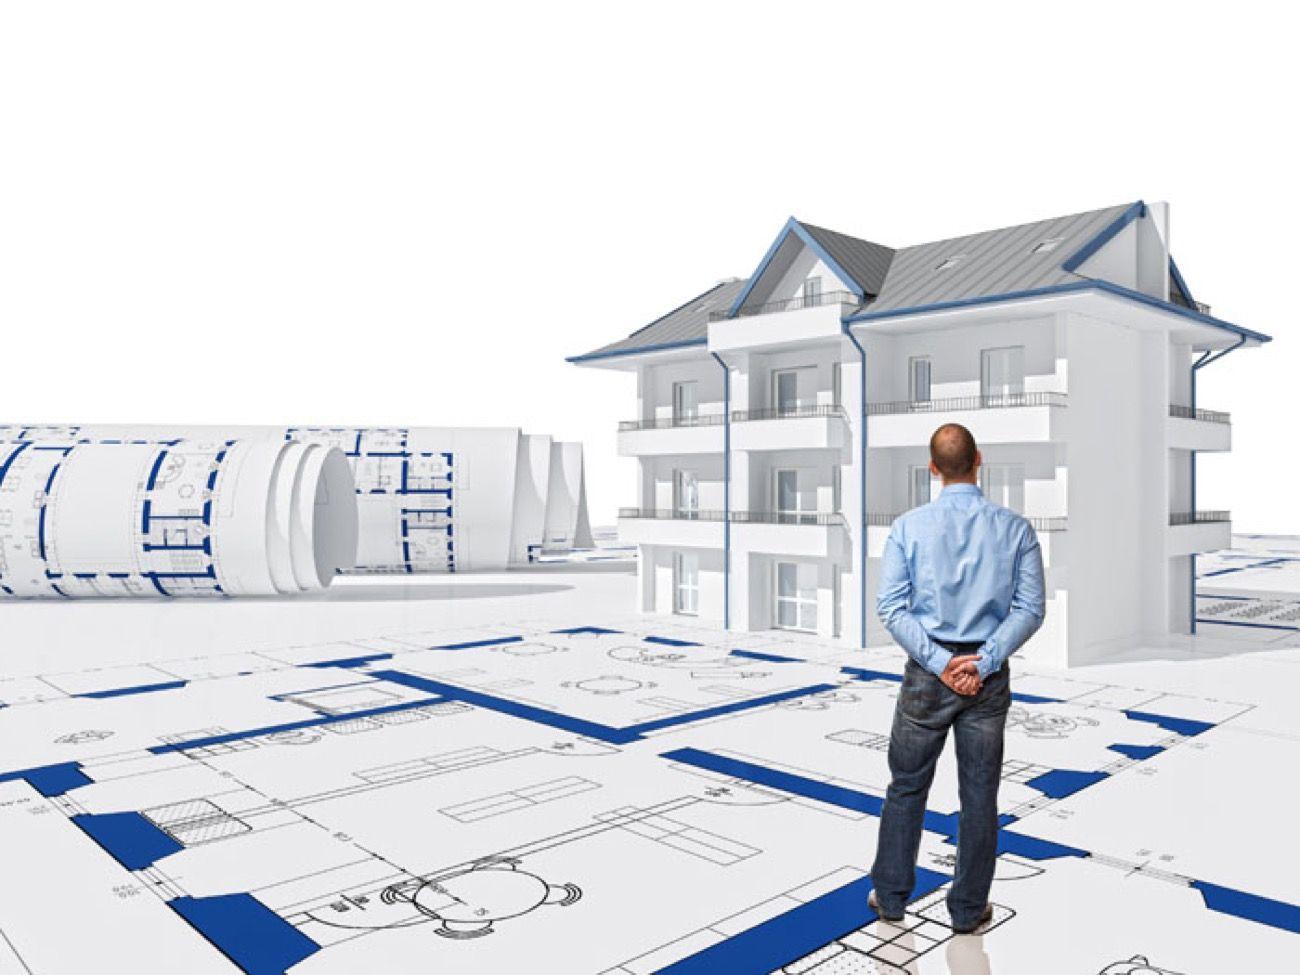 Pour Le Compte D Un Promoteur Immobilier Haut De Gamme Nous Sommes A La Recherche D Un Negociateur Immobilier Promoteur Immobilier Bien Immobilier Immobilier